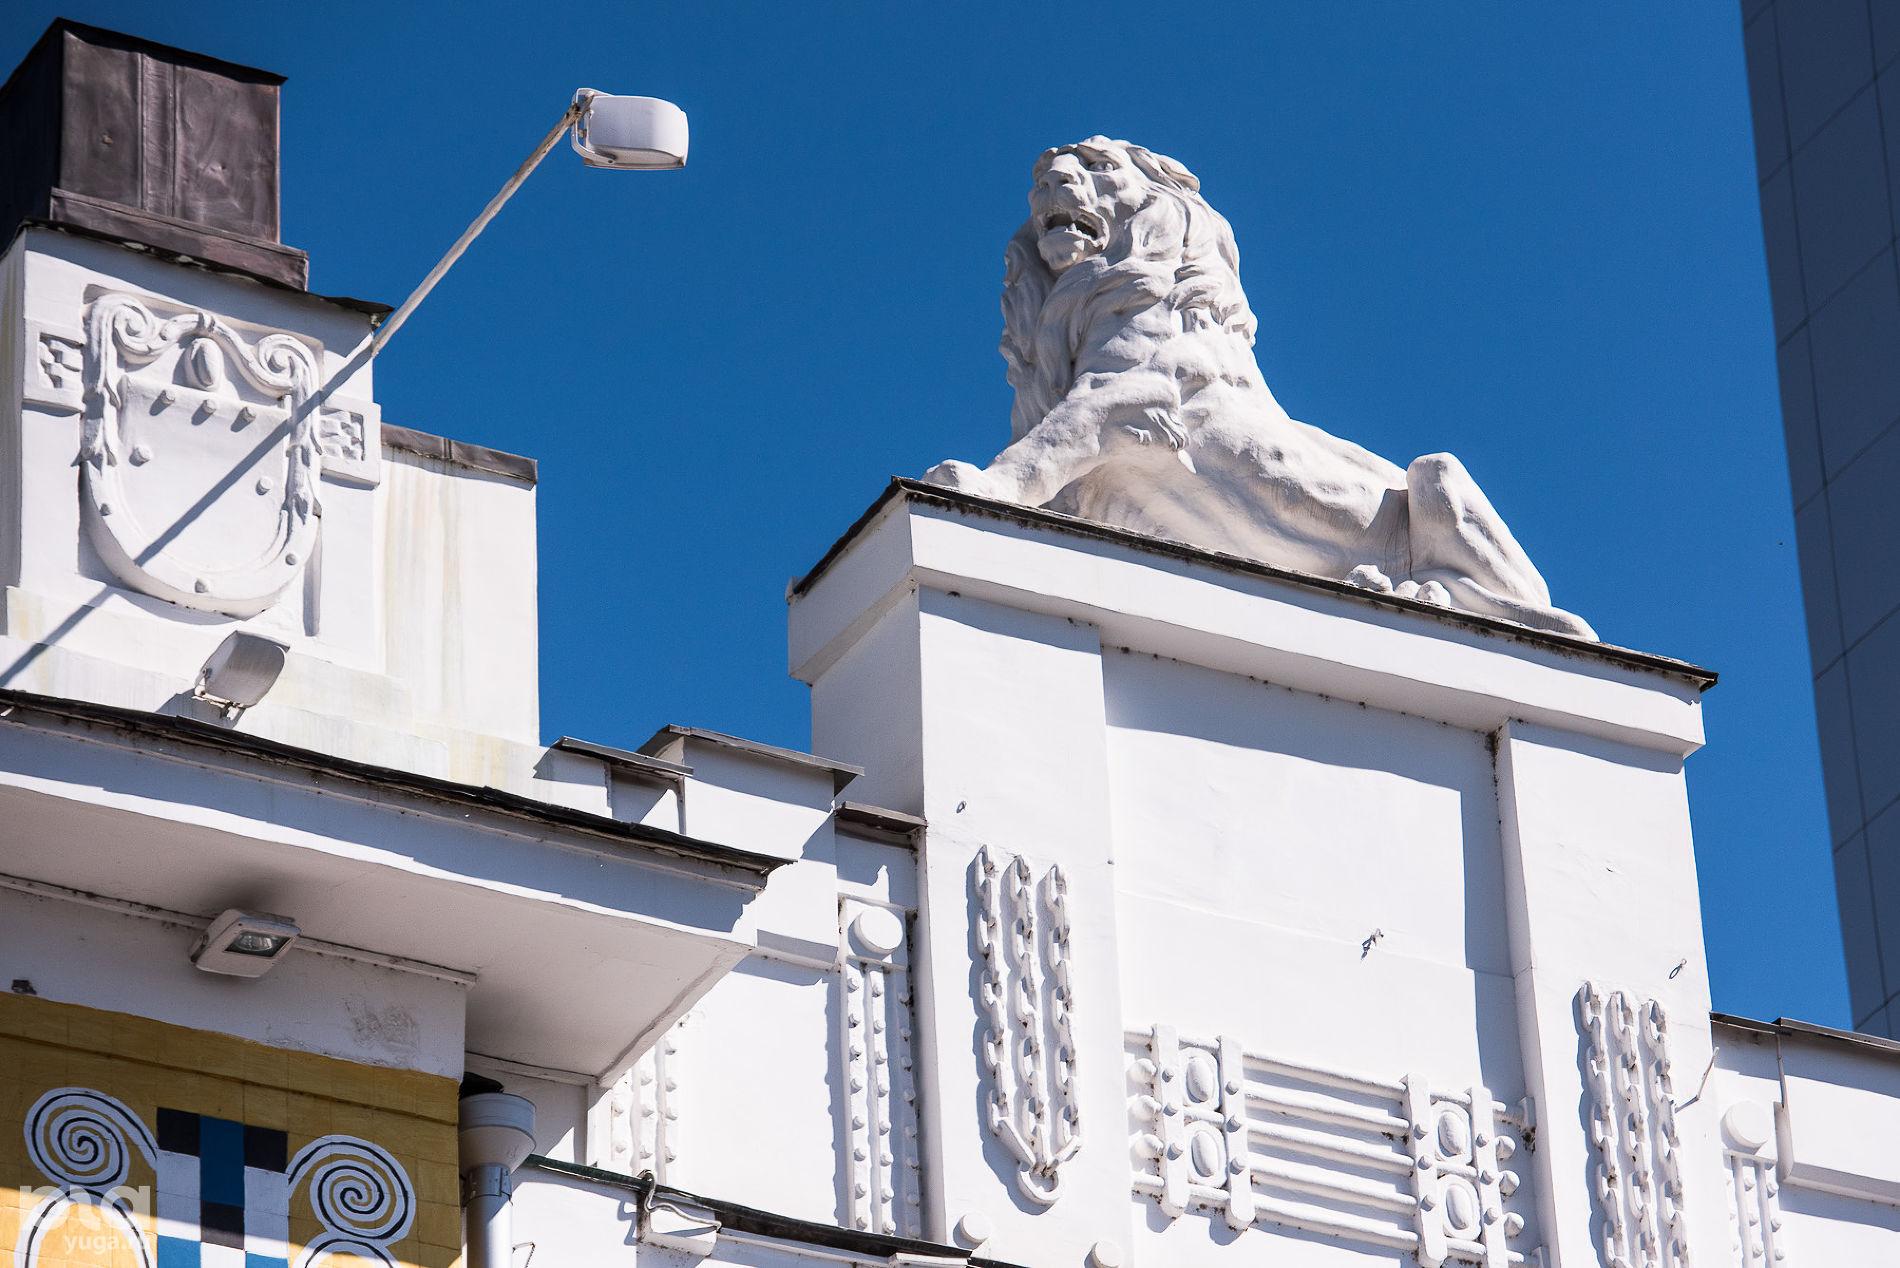 Общество взаимного кредита, 1913 год, архитектор Н.М. Козо-Полянский, ул. Орджоникидзе, 39 ©Фото Елены Синеок, Юга.ру